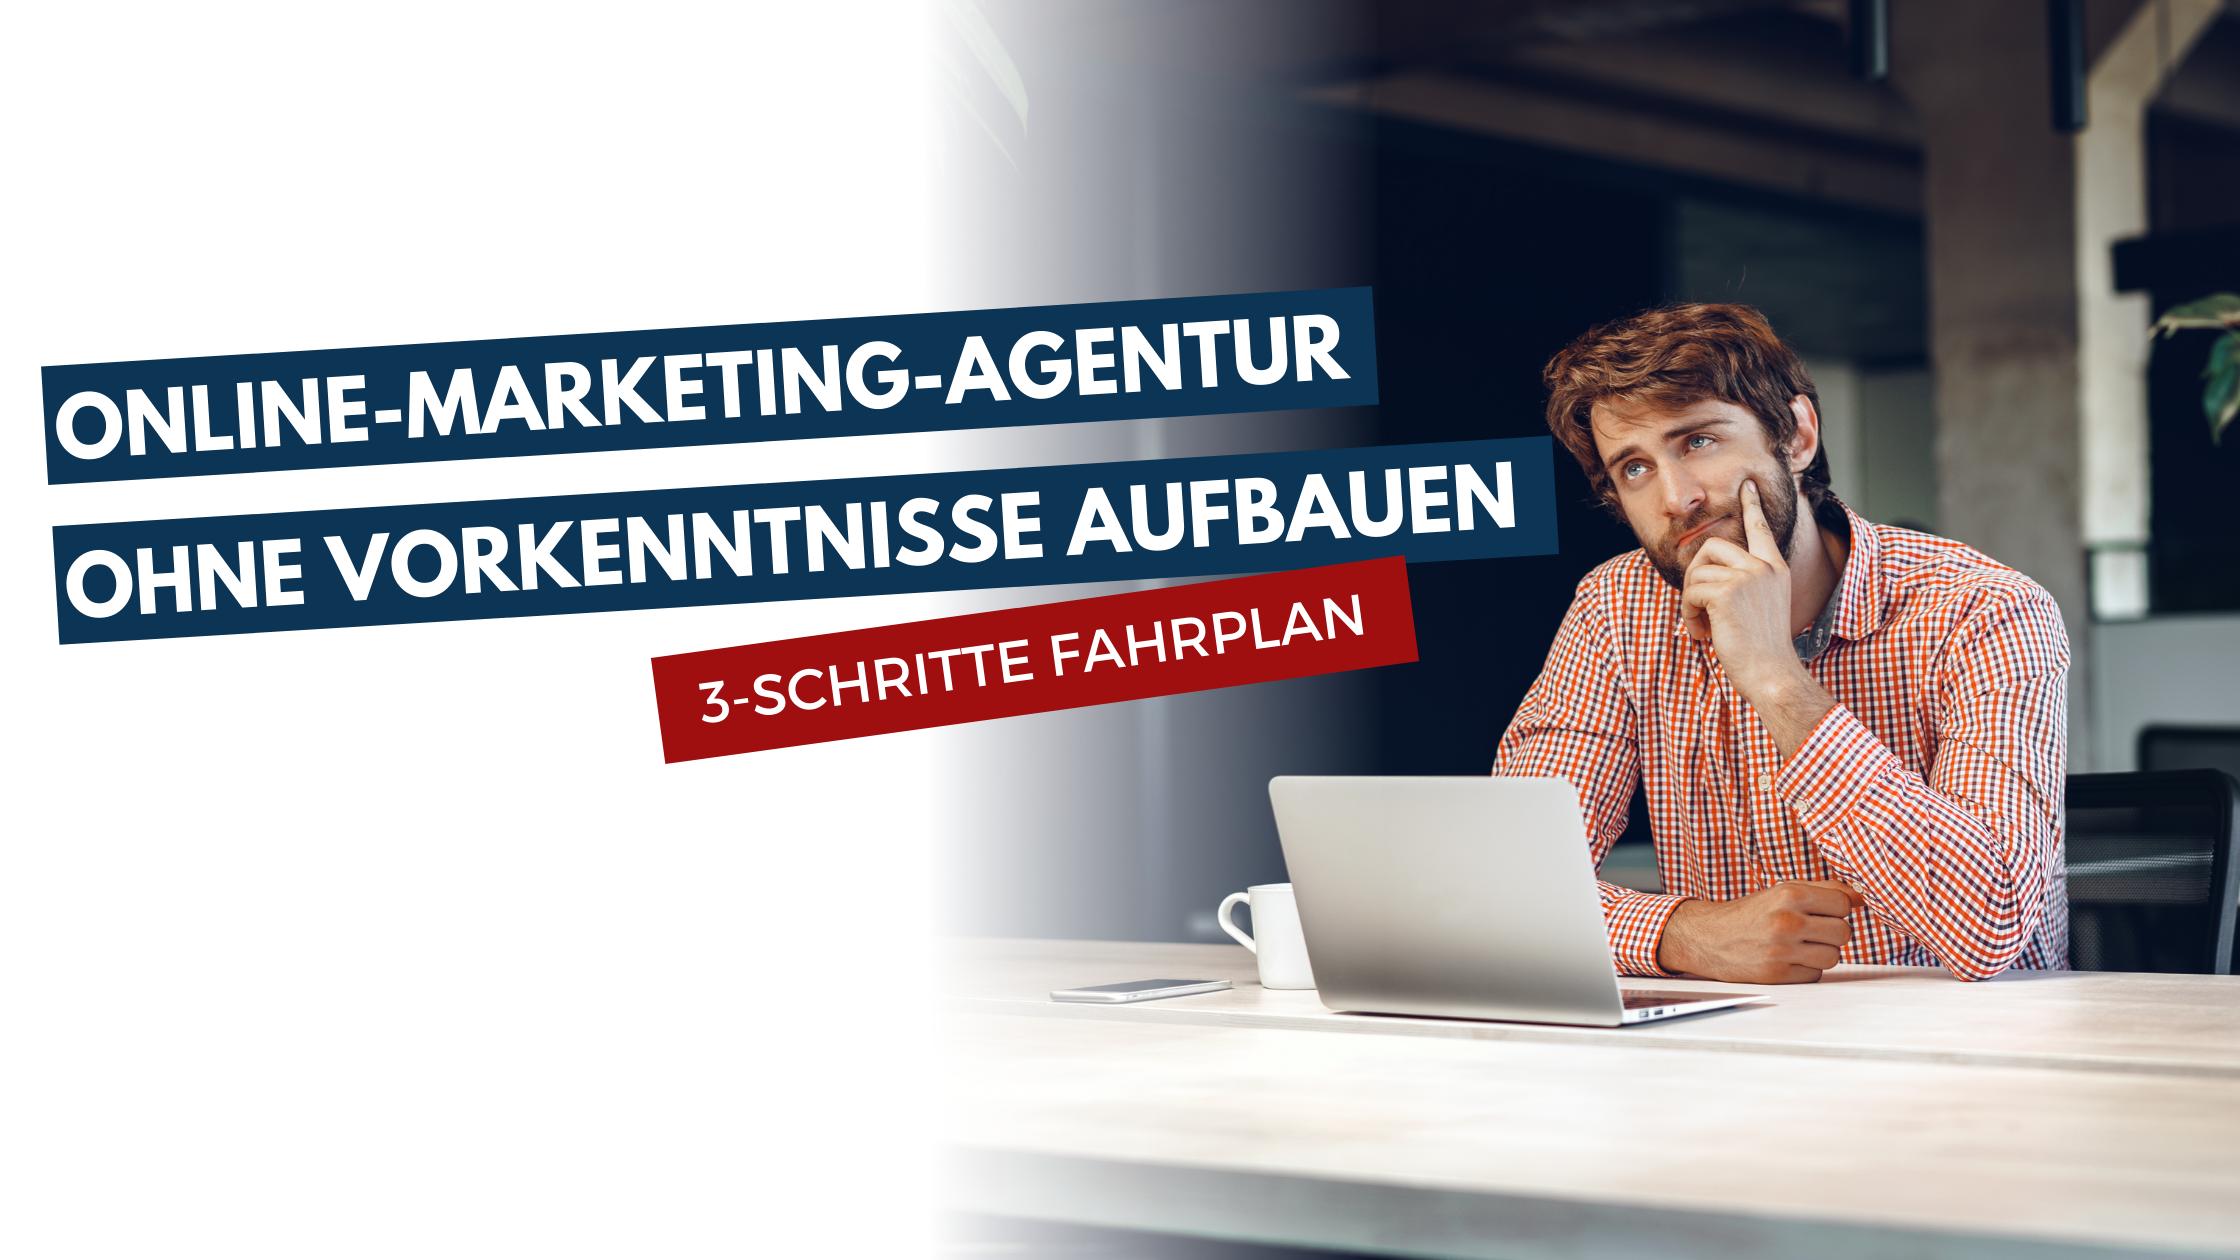 Online-Marketing-Agentur ohne Vorkenntnisse aufbauen - so gehts!